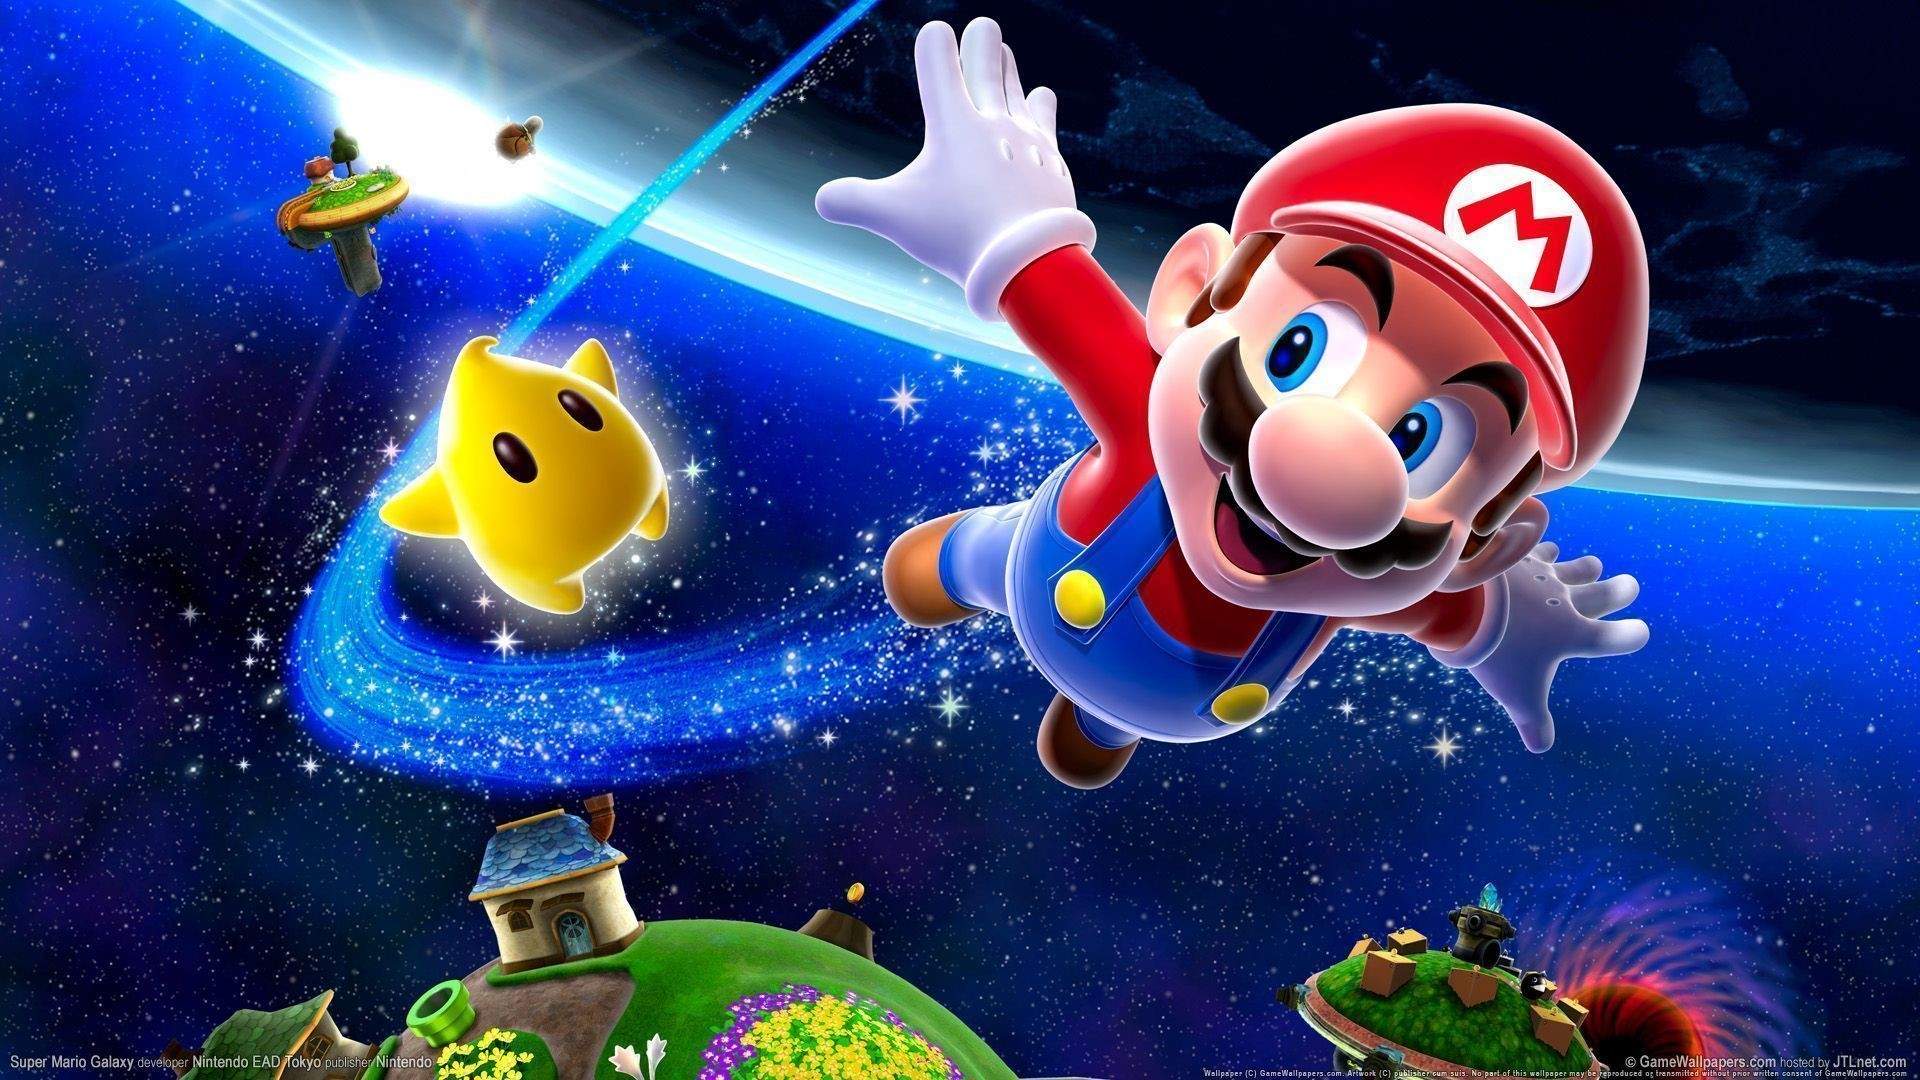 Super Mario HD Wallpaper, Super Mario Images